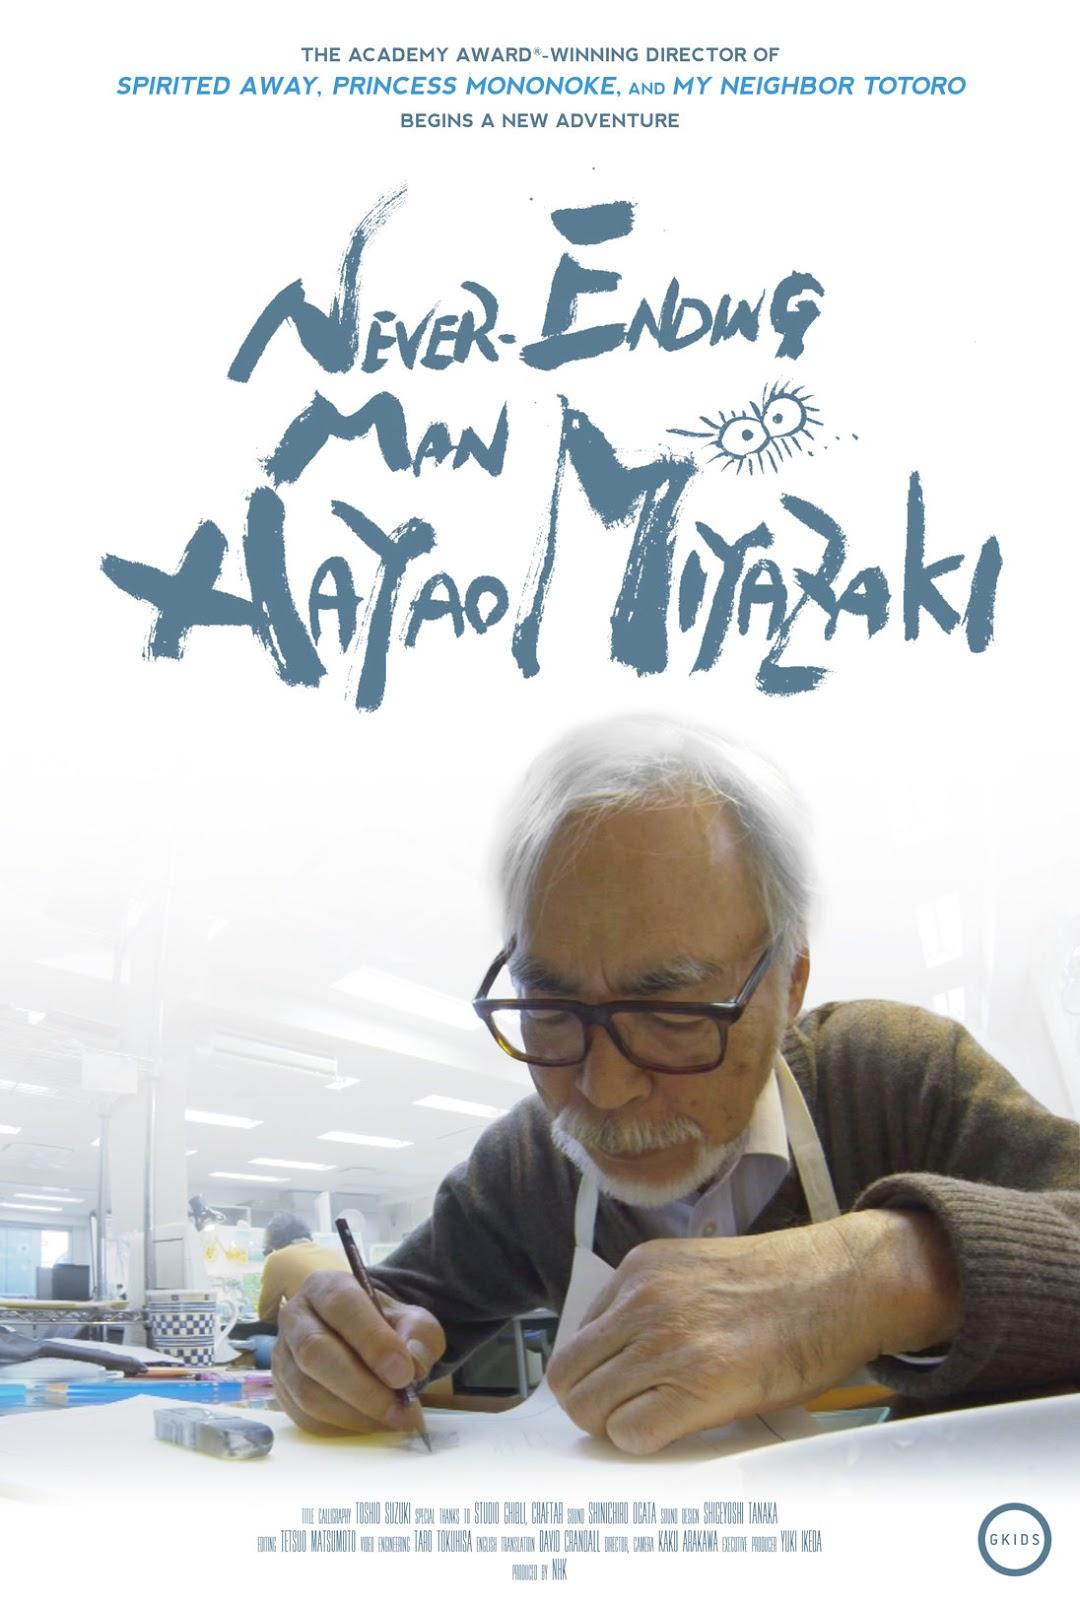 Never-Ending Man Hayao Miyazaki Pittsburgh